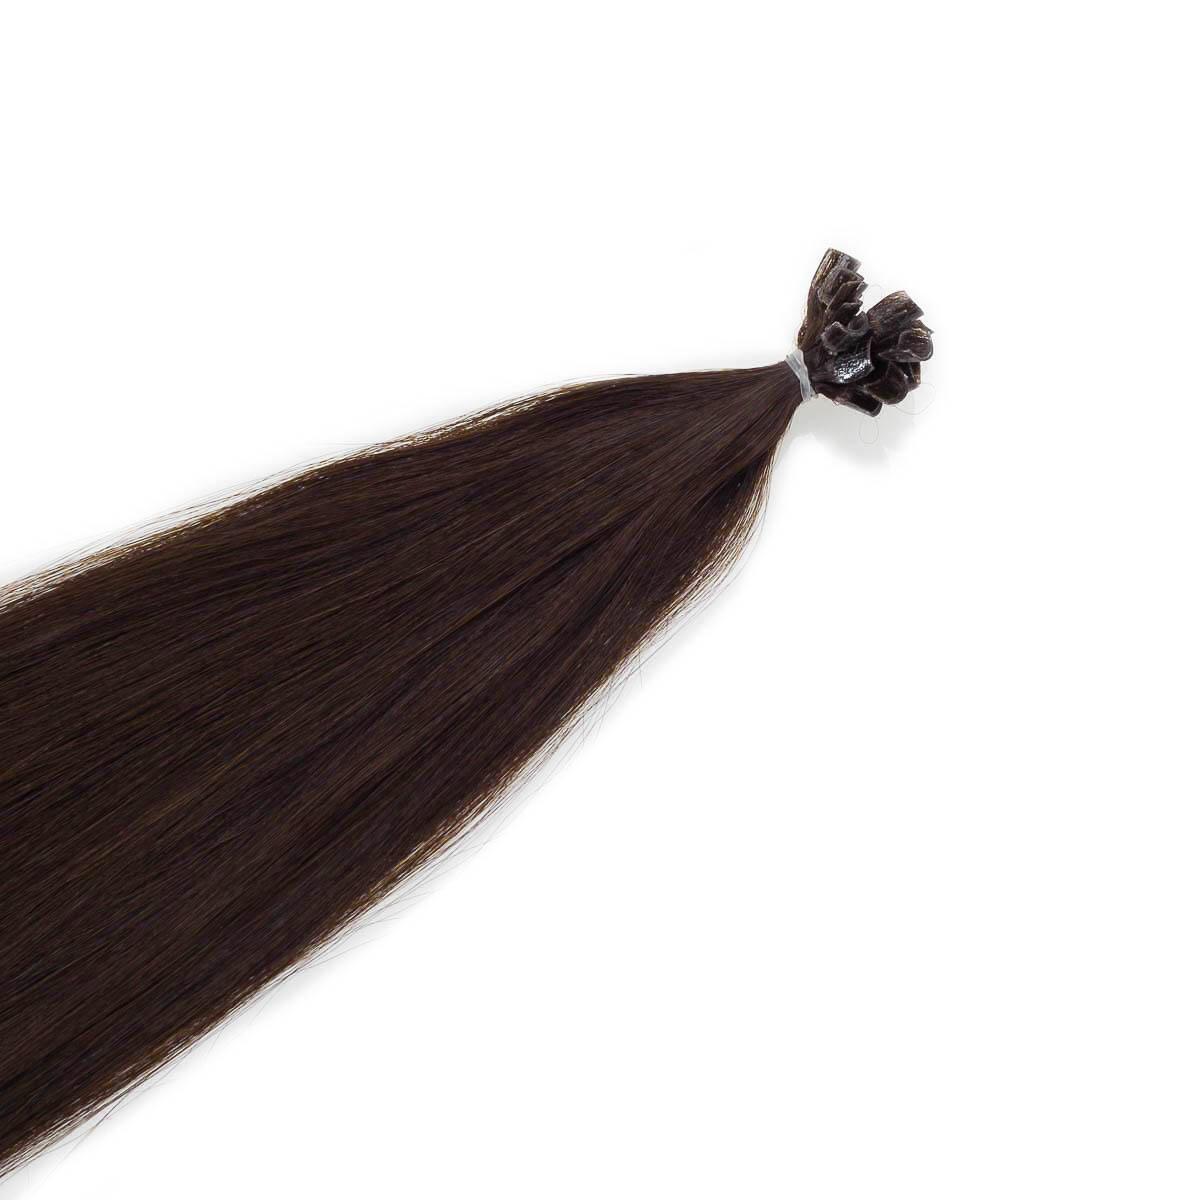 Nail Hair 2.3 Chocolate Brown 30 cm